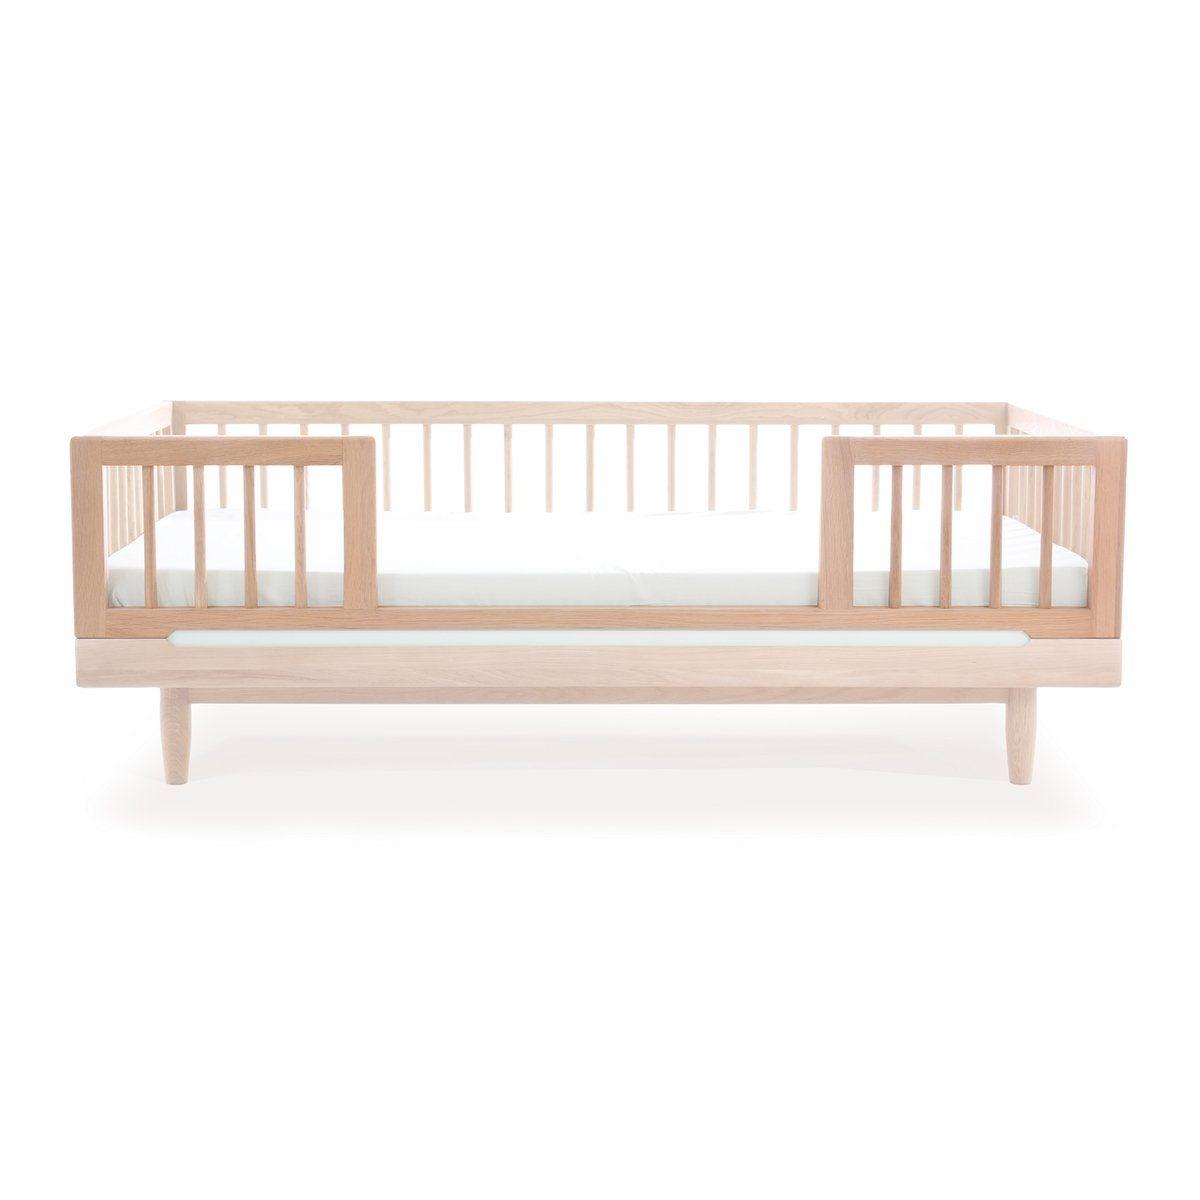 Nobodinoz Erweiterungs Set Kinder Bett Rausfallschutz Kinderbett Und Kinderbett